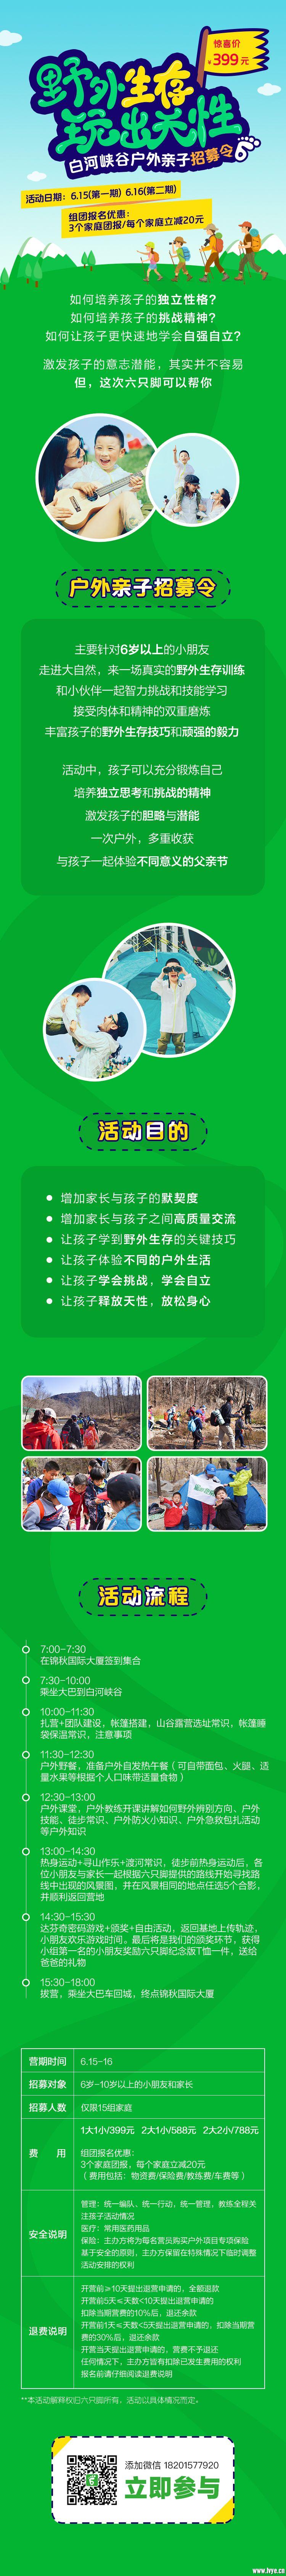 亲子活动长图文-2.jpg